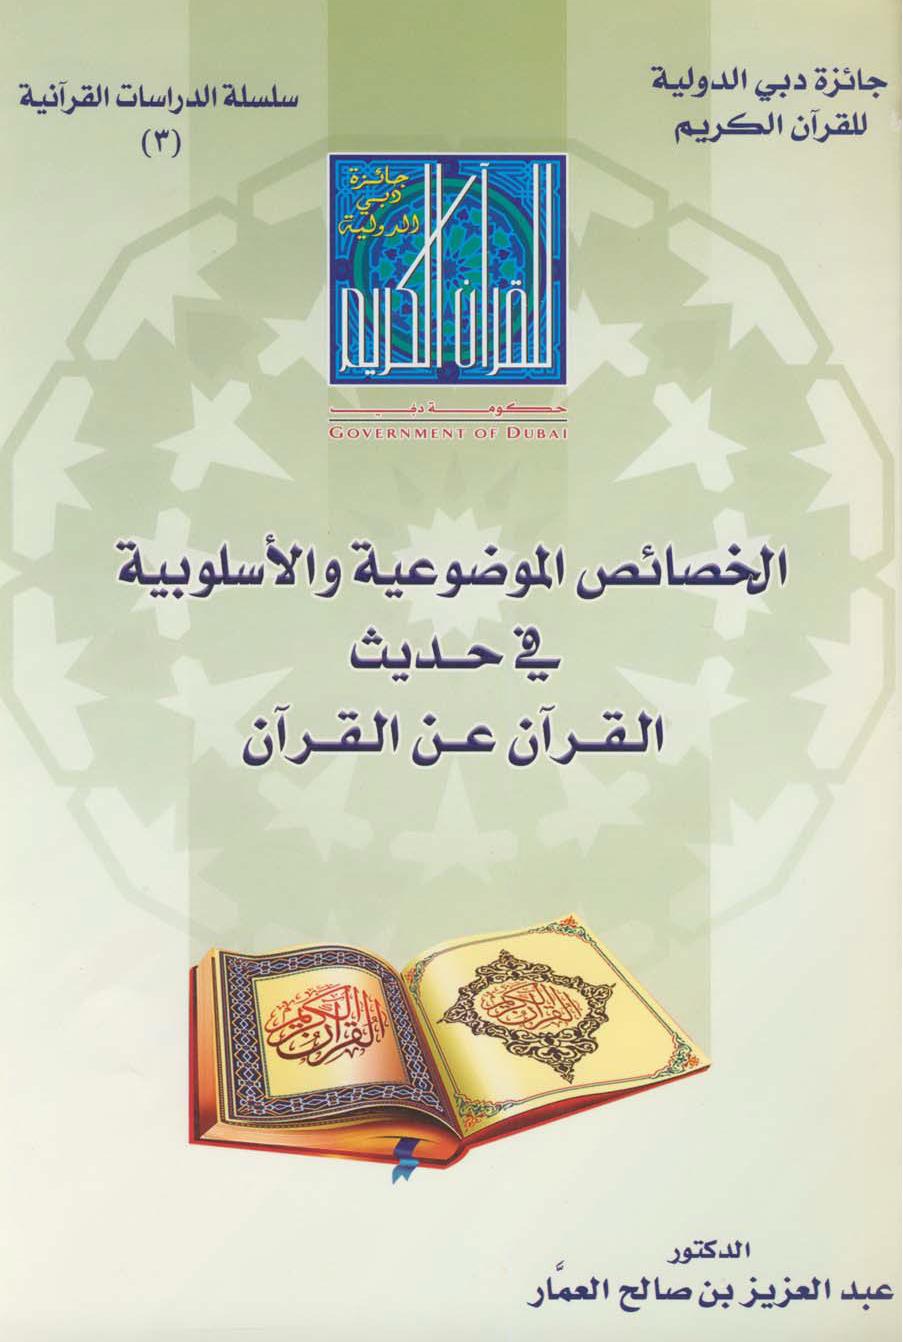 تحميل كتاب الخصائص الموضوعية والأسلوبية في حديث القرآن عن القرآن لـِ: الدكتور عبد العزيز بن صالح بن عبد العزيز العمار